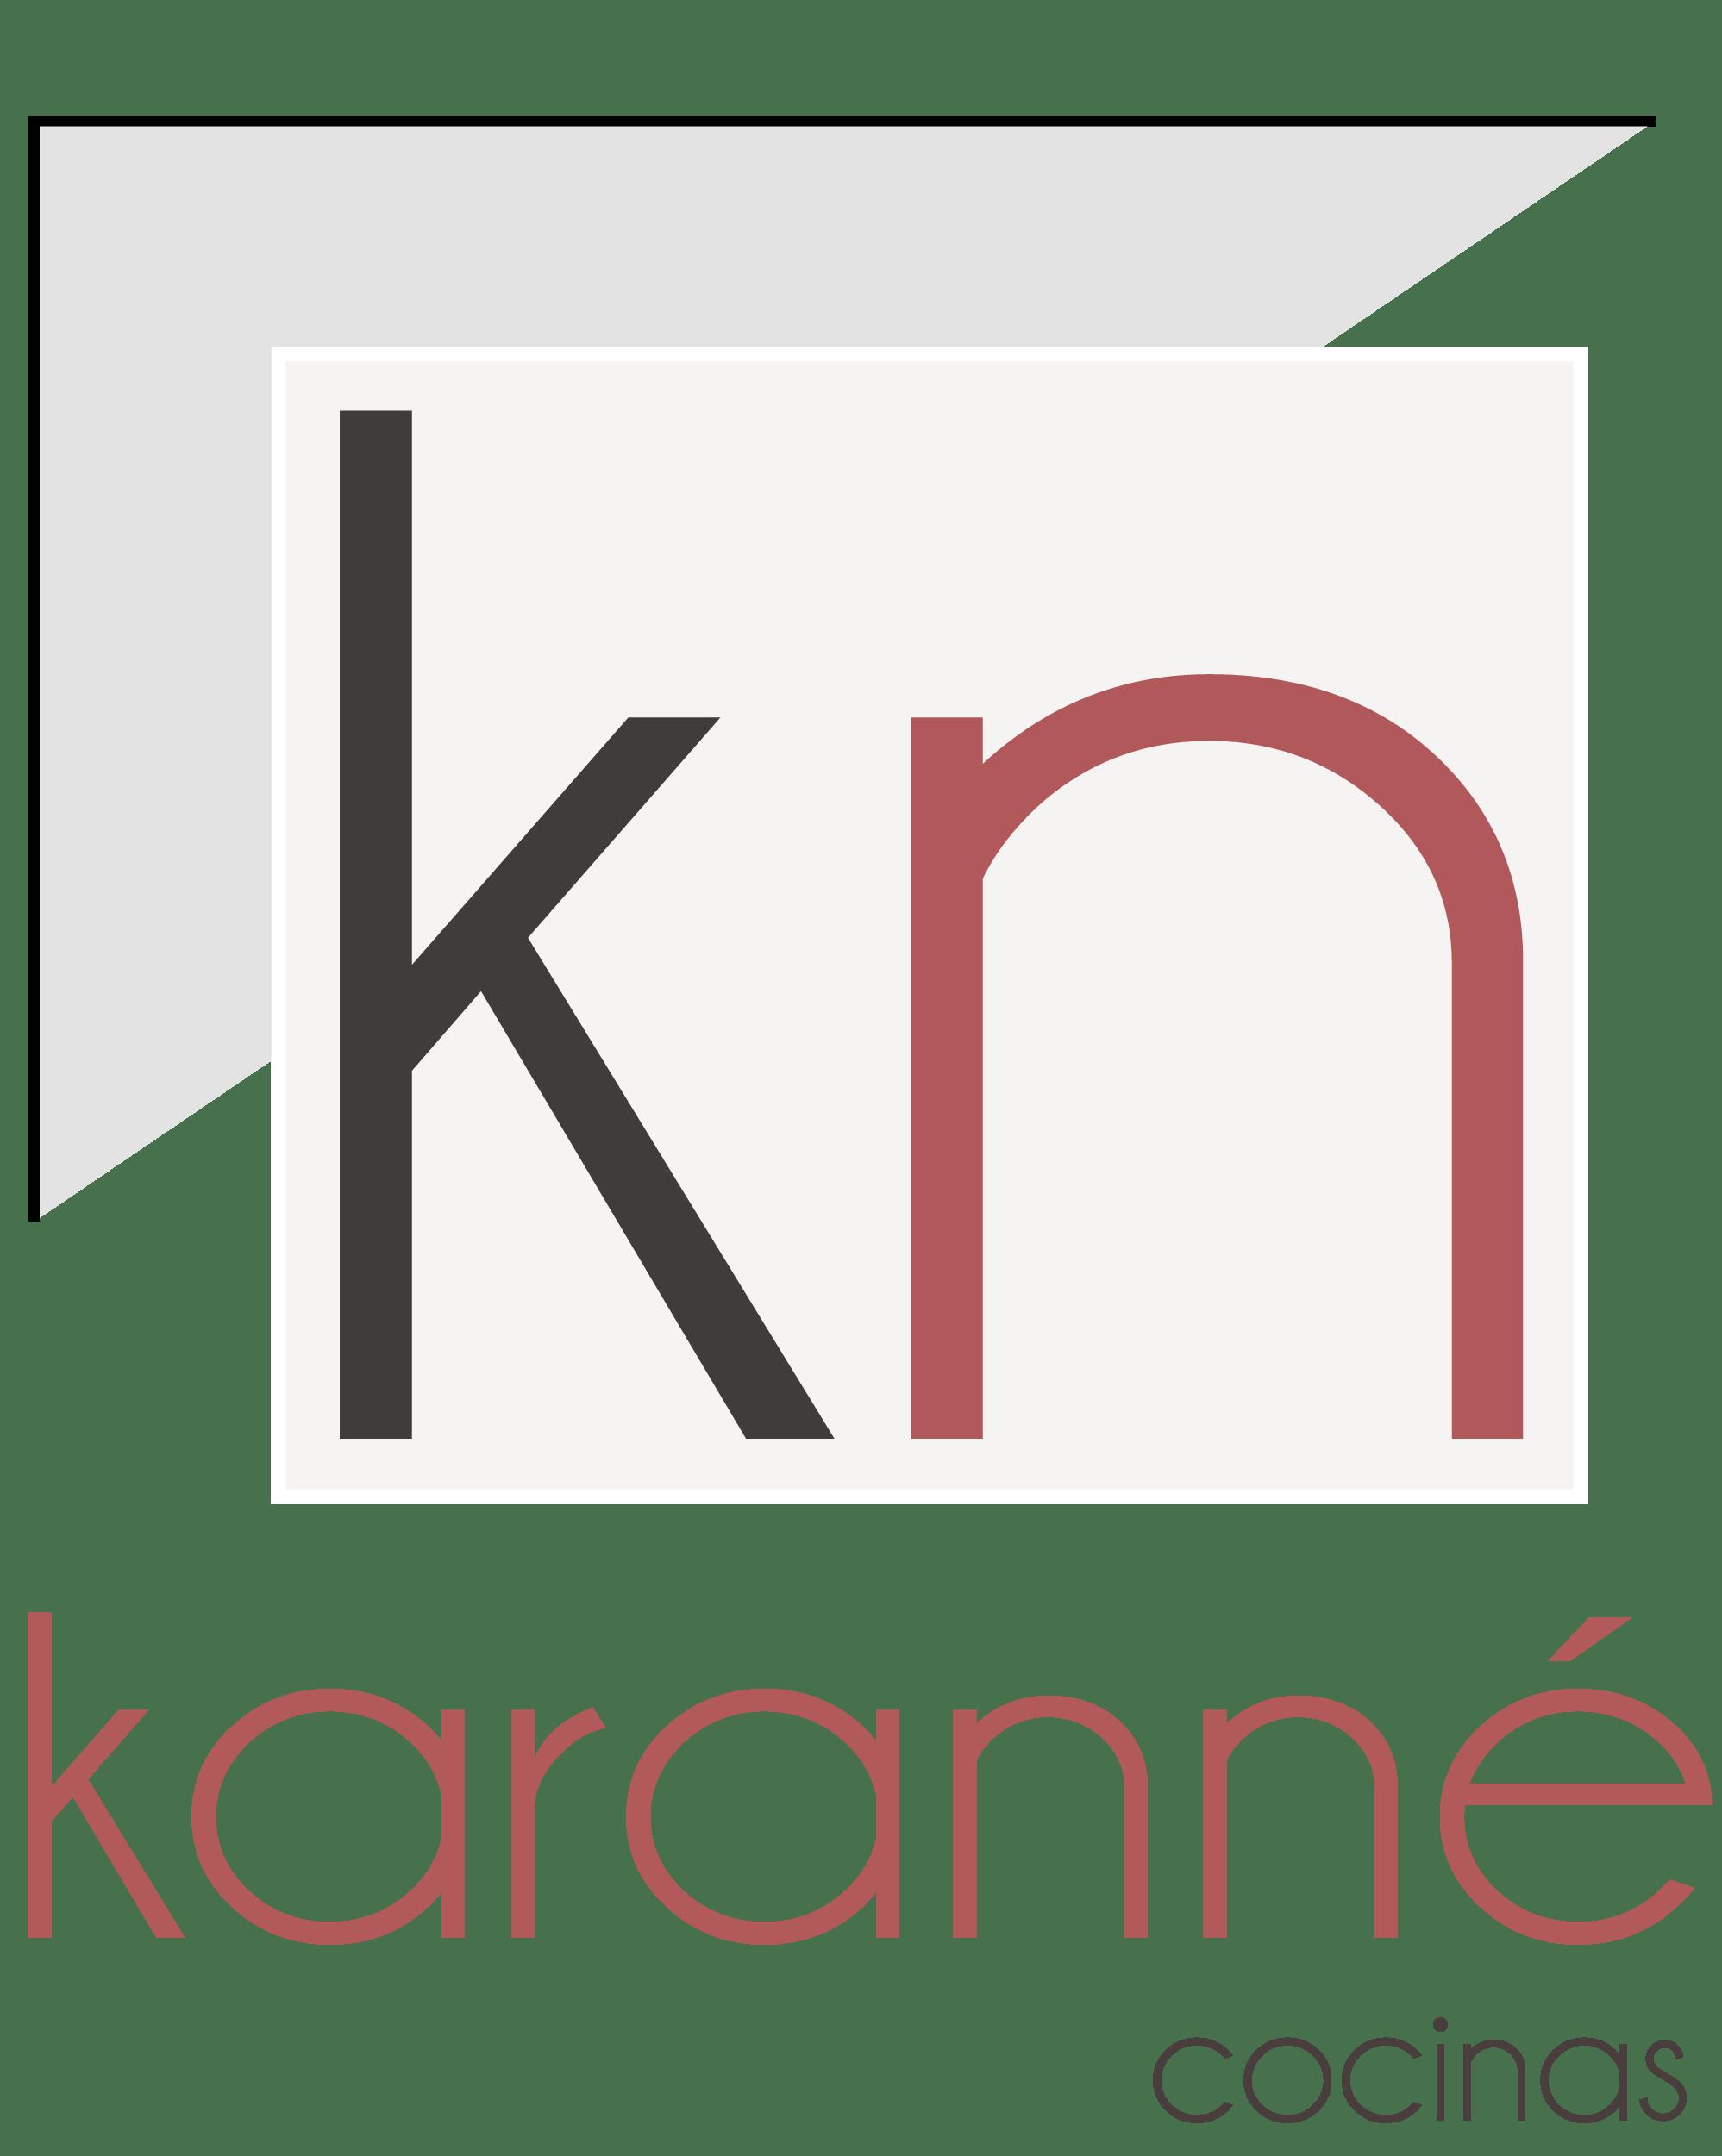 Karannè Cocinas y Reformas